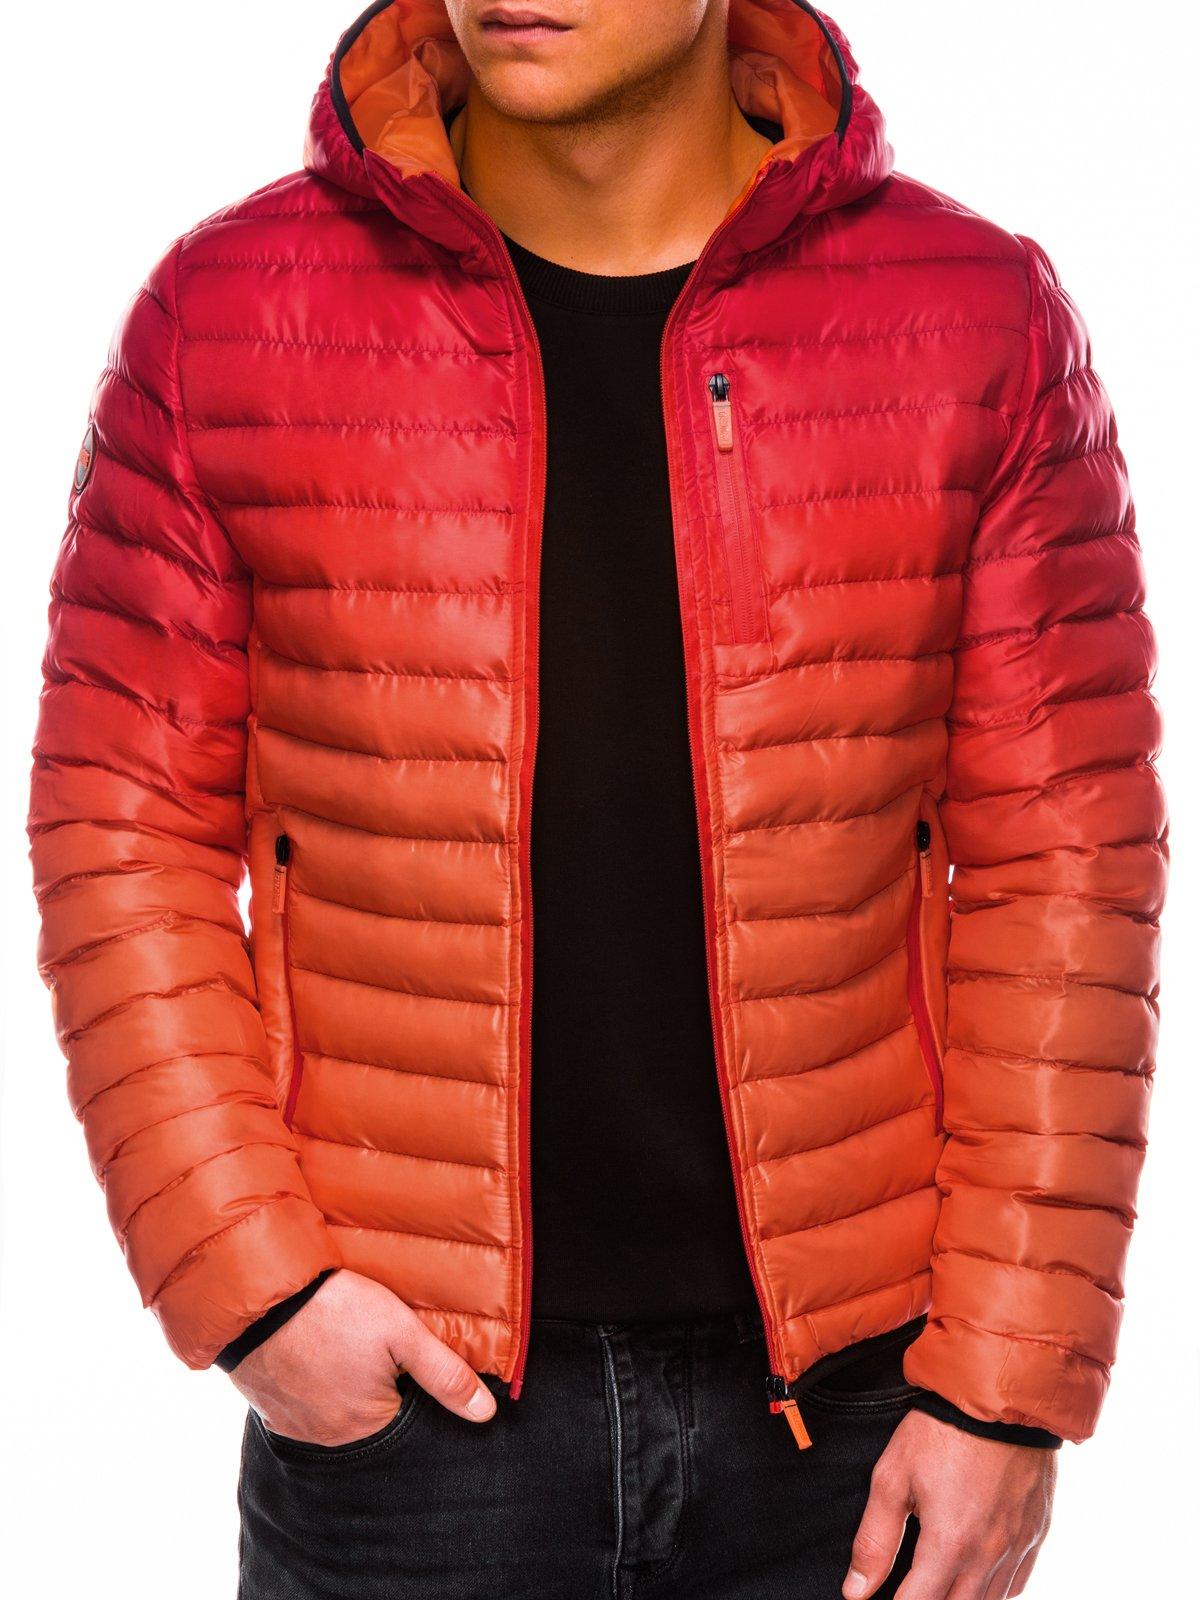 Pánská prošívaná bunda Avalanche červená